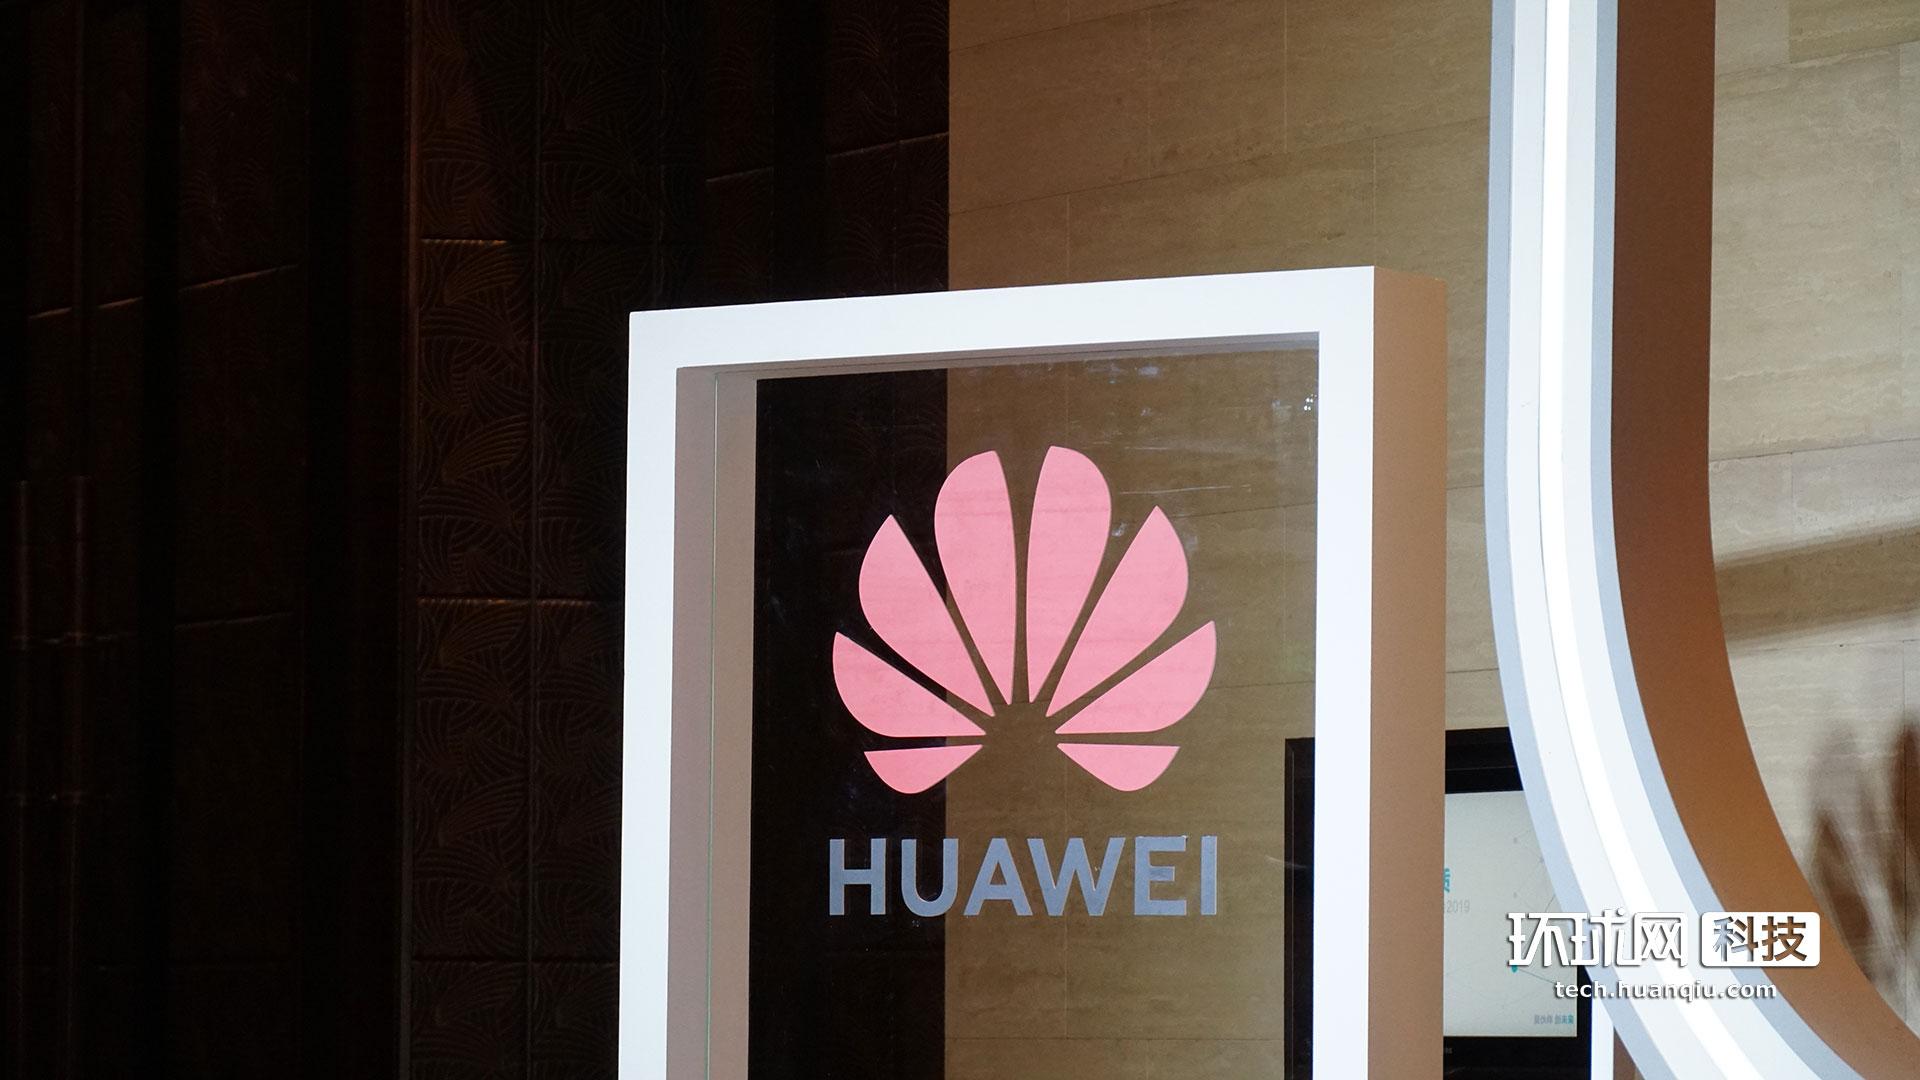 华为公布一季度业绩:营收1797亿元,手机发货5900万台